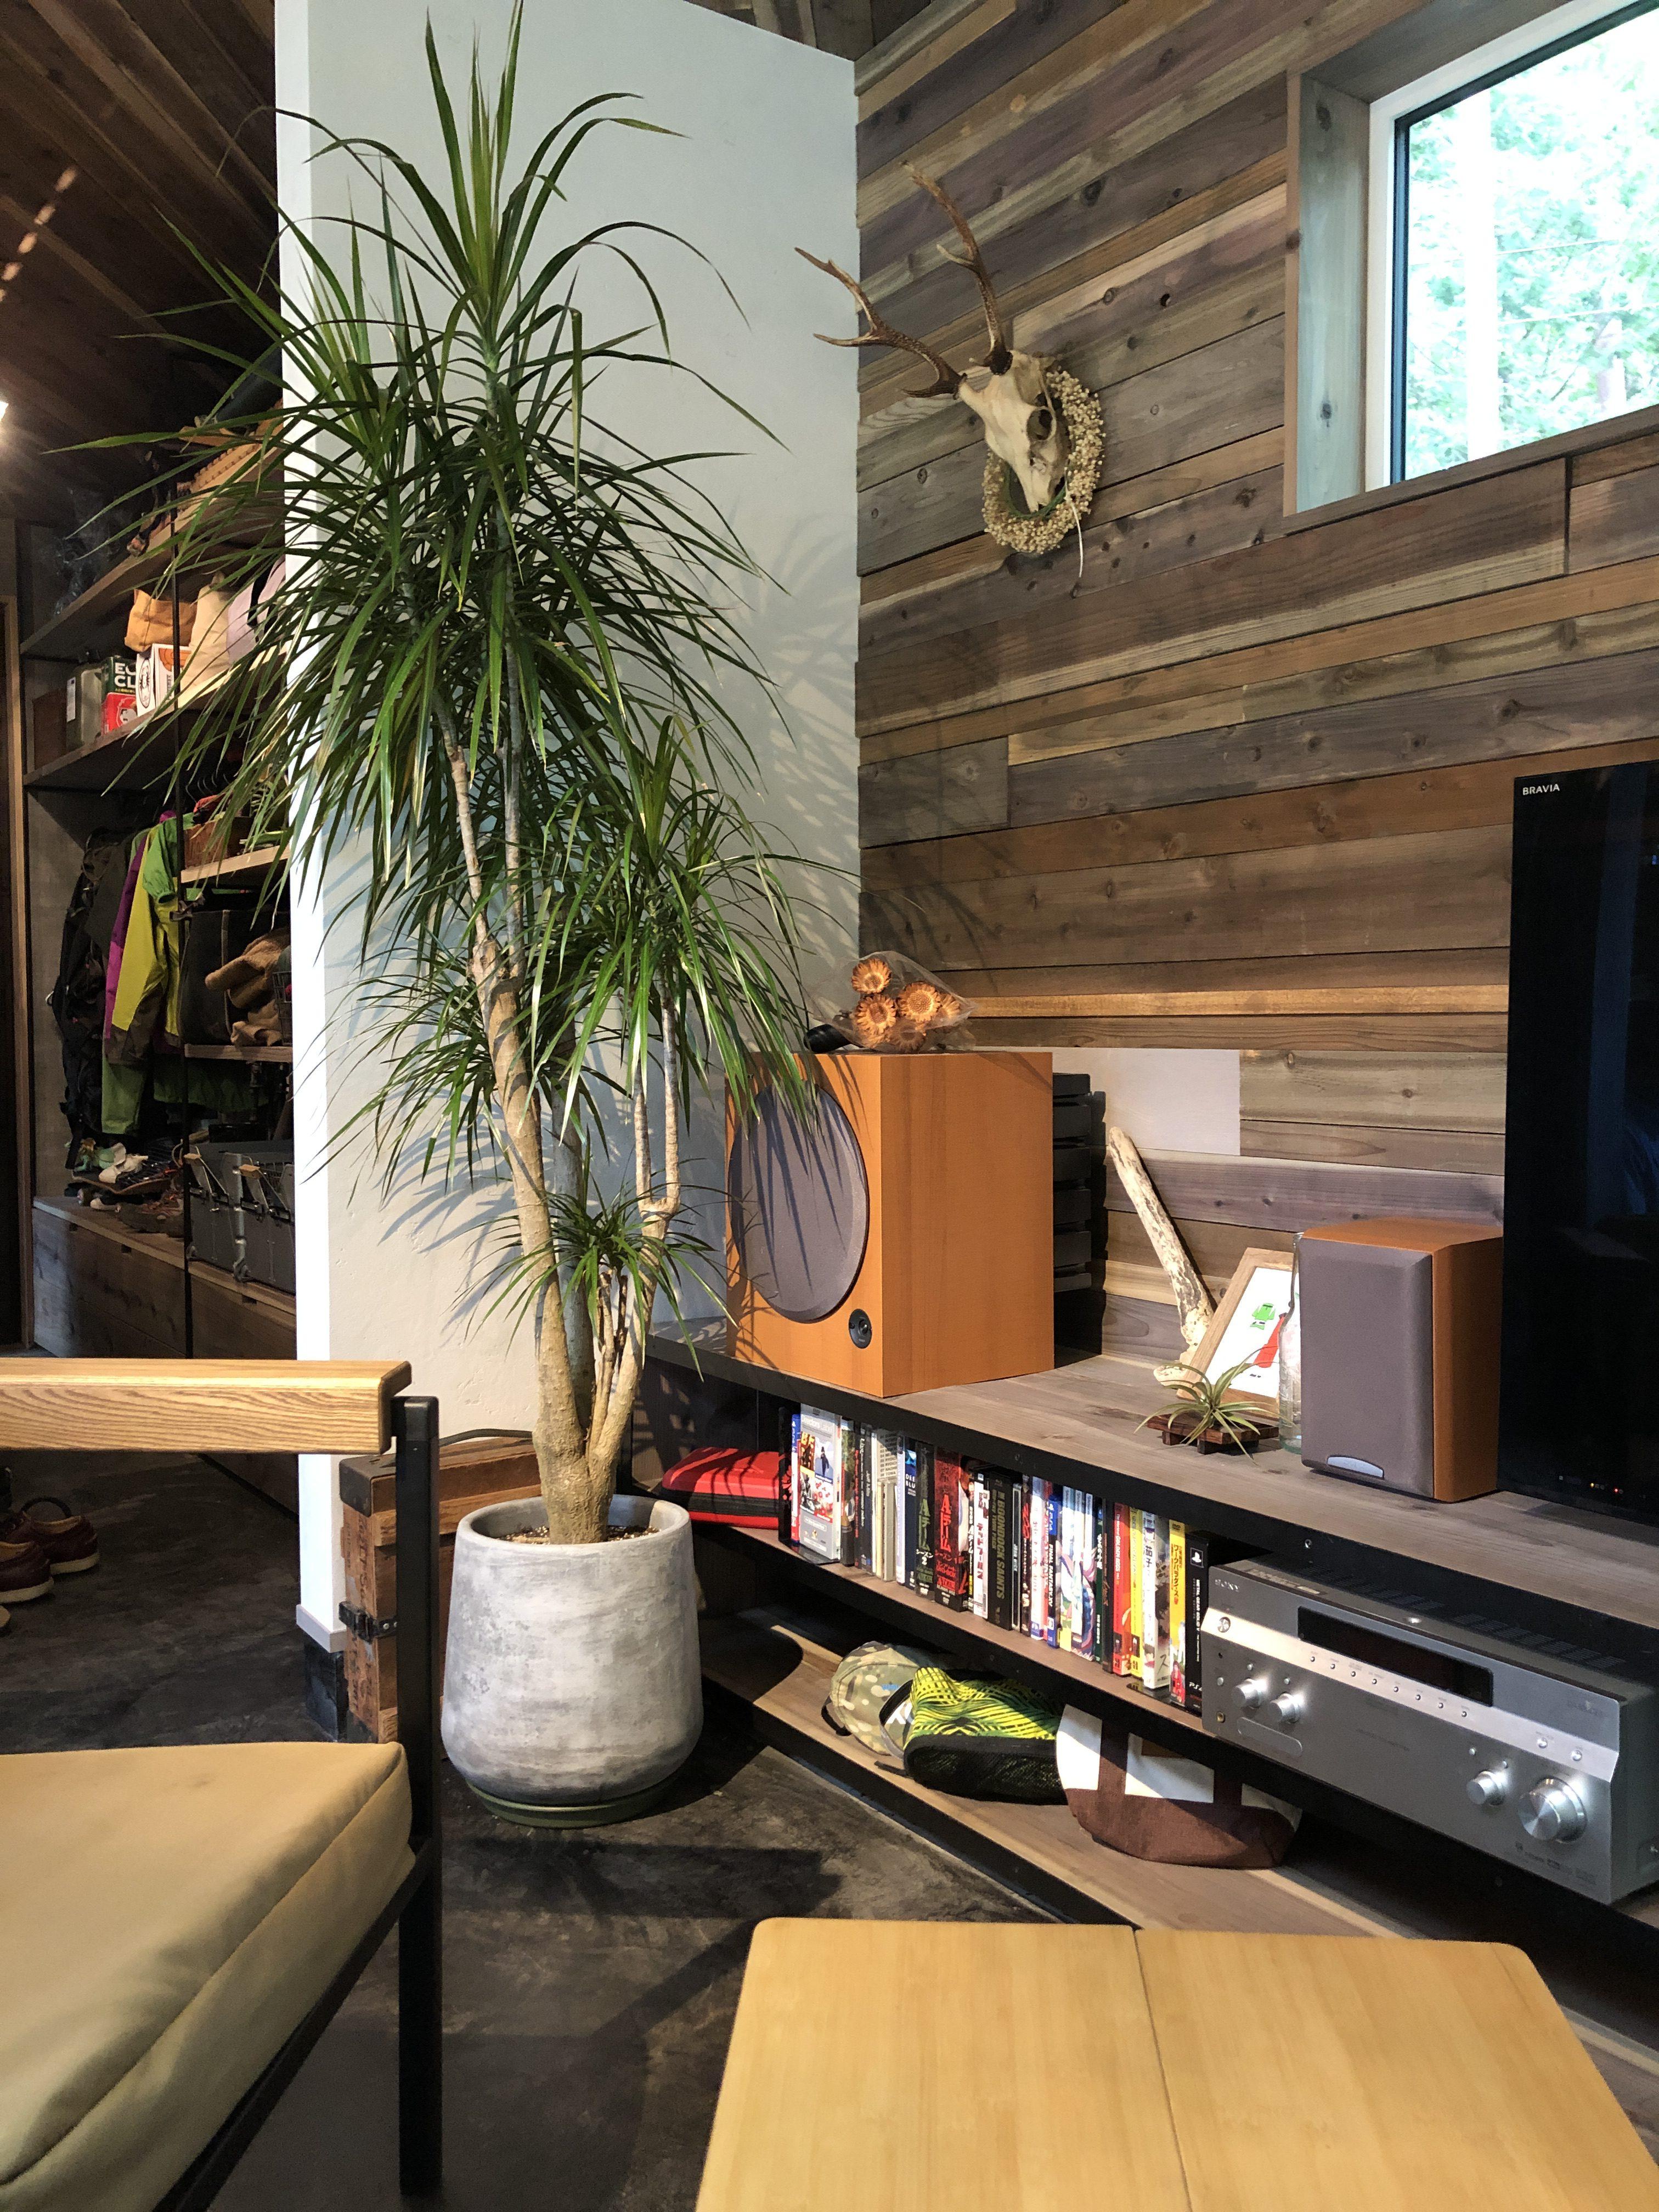 山梨県の工務店、未来建築工房とつくる注文住宅。 アウトドアスタイルの家で取材!